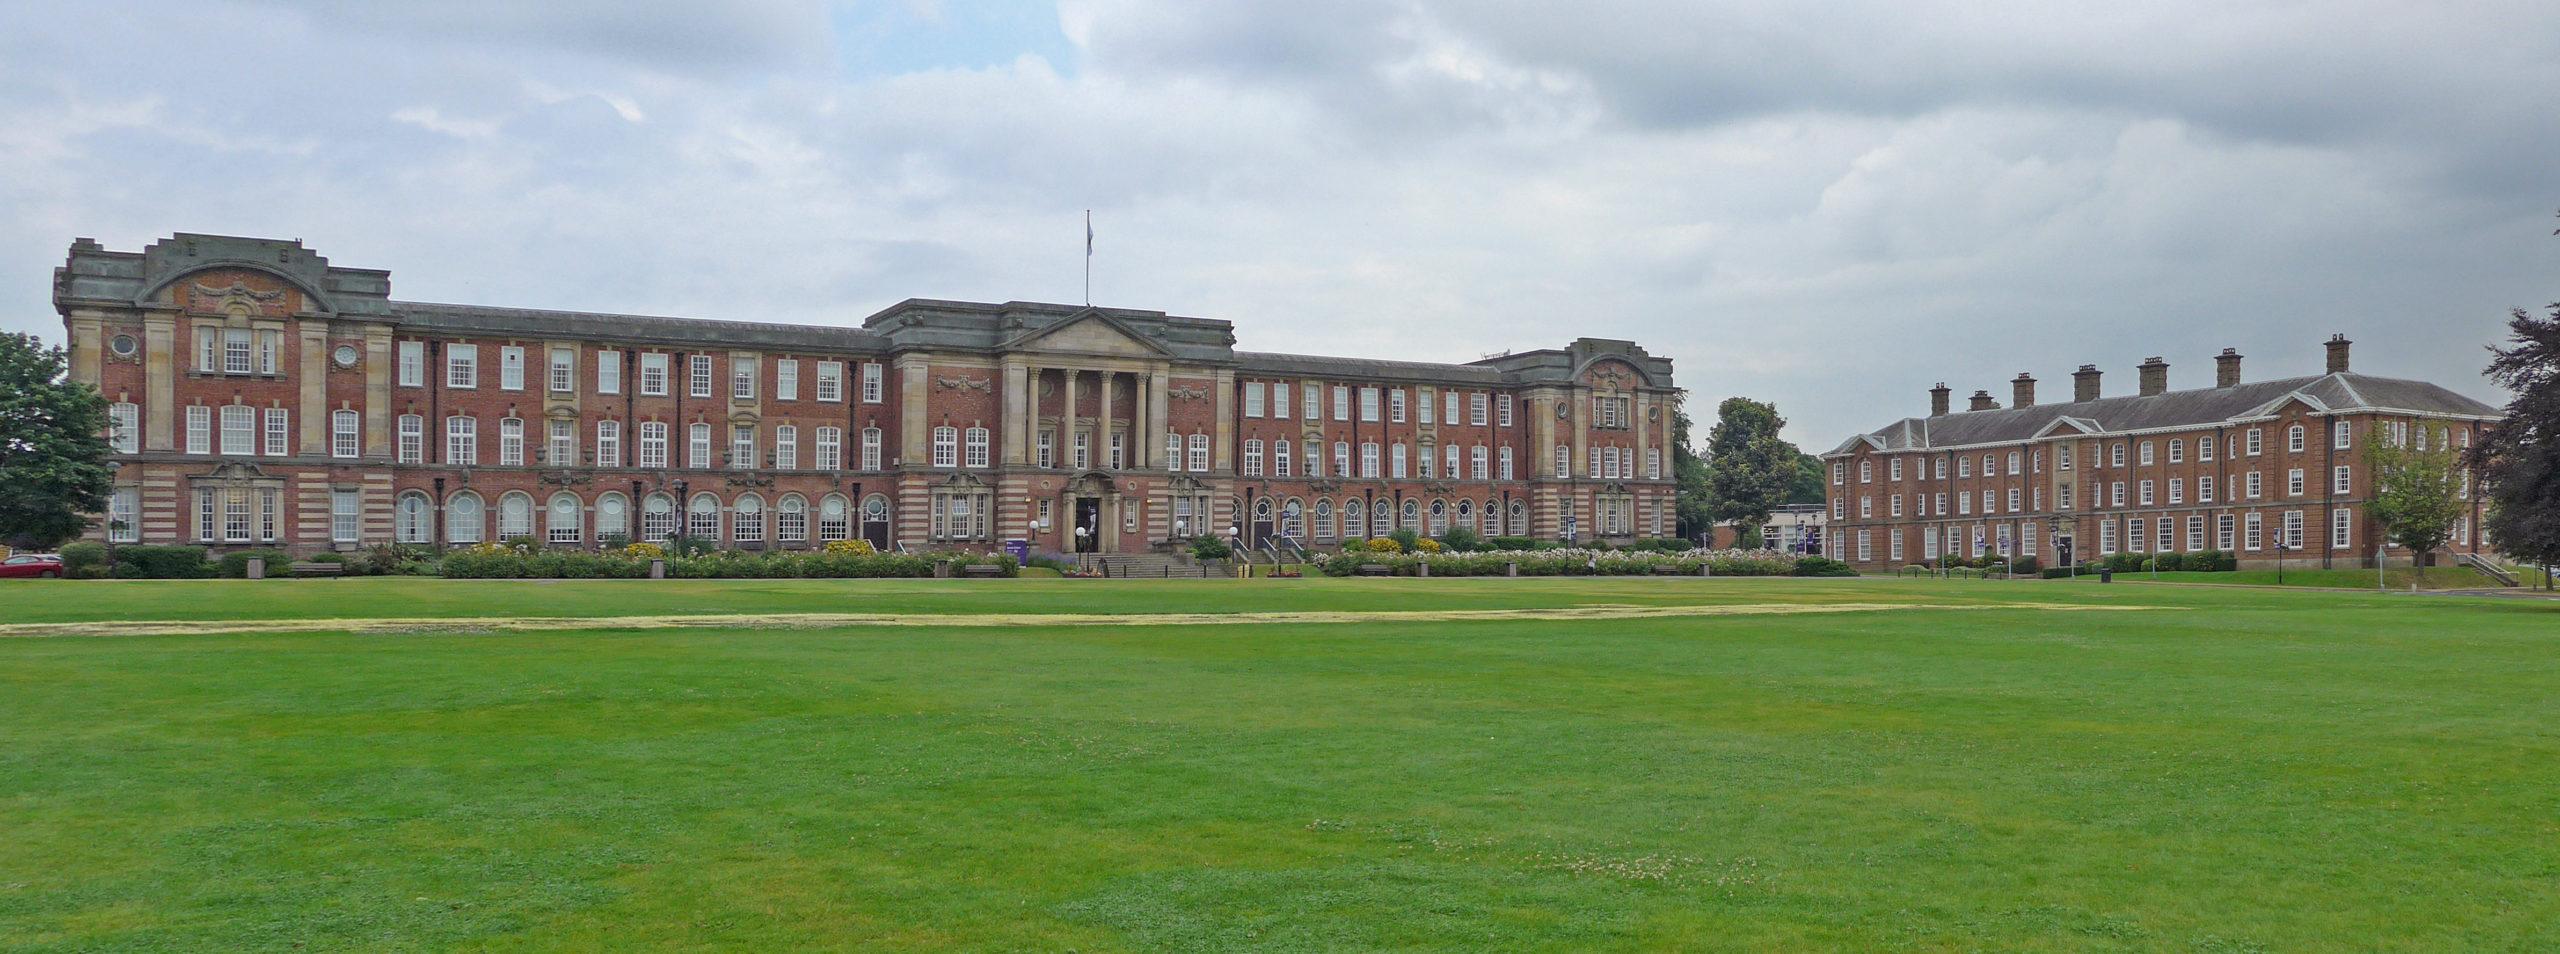 universidades-mais-baratas-do-reino-unido-Leeds-Beckett-University